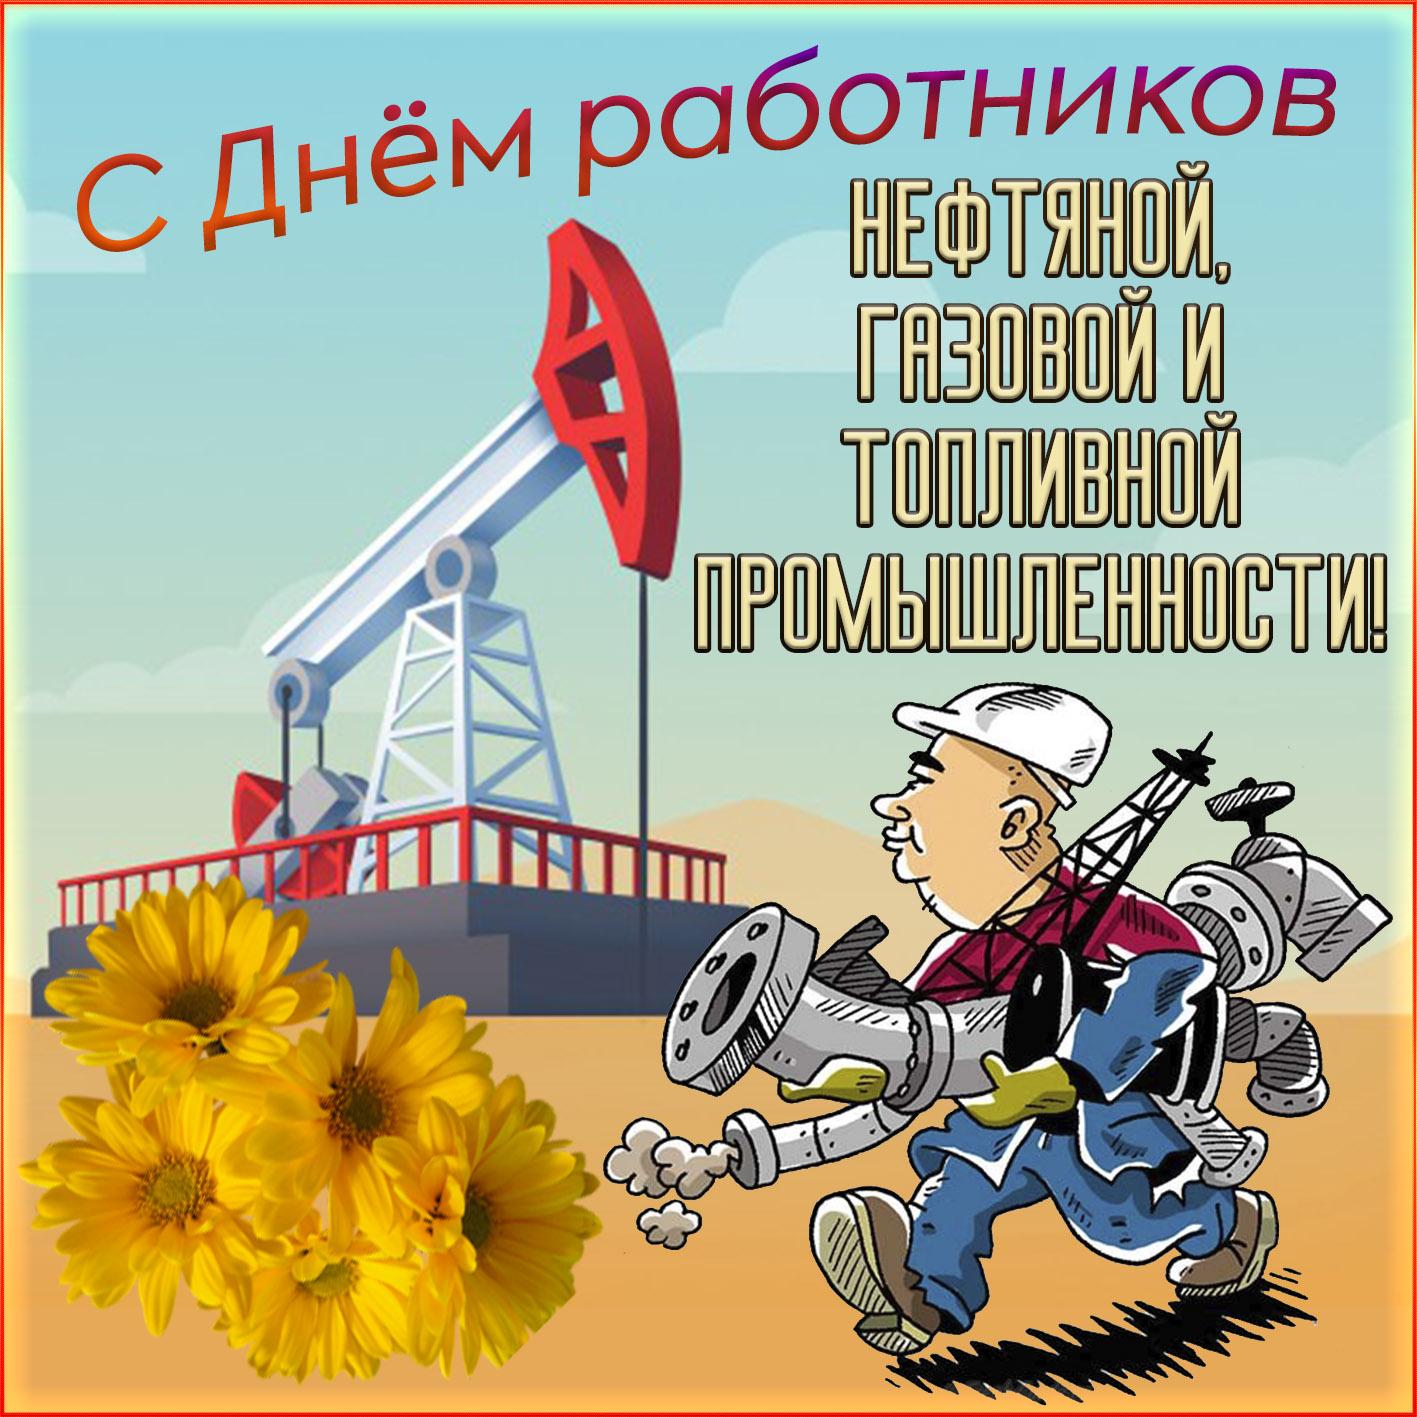 Поздравление нефтяника нефтянику